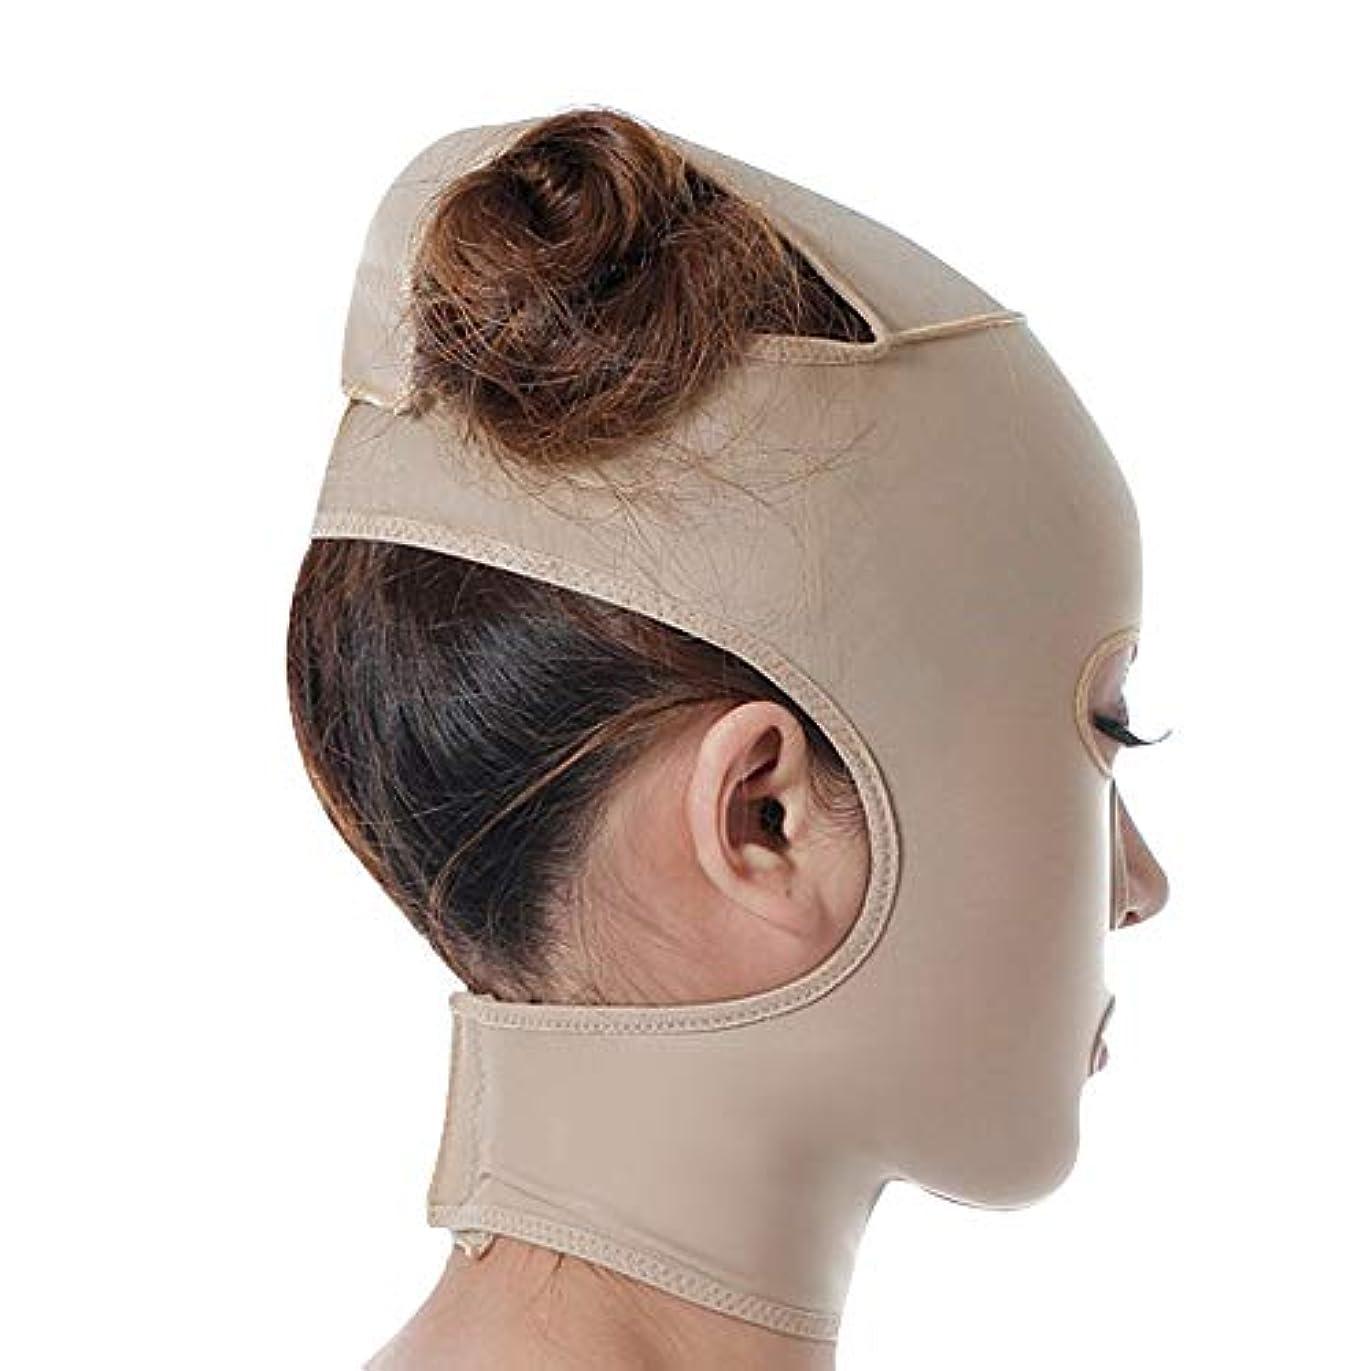 献身評論家そのGLJJQMY 引き締めマスクマスク美容薬マスク美容V顔包帯ライン彫刻リフティング引き締め二重あごマスク 顔用整形マスク (Size : M)